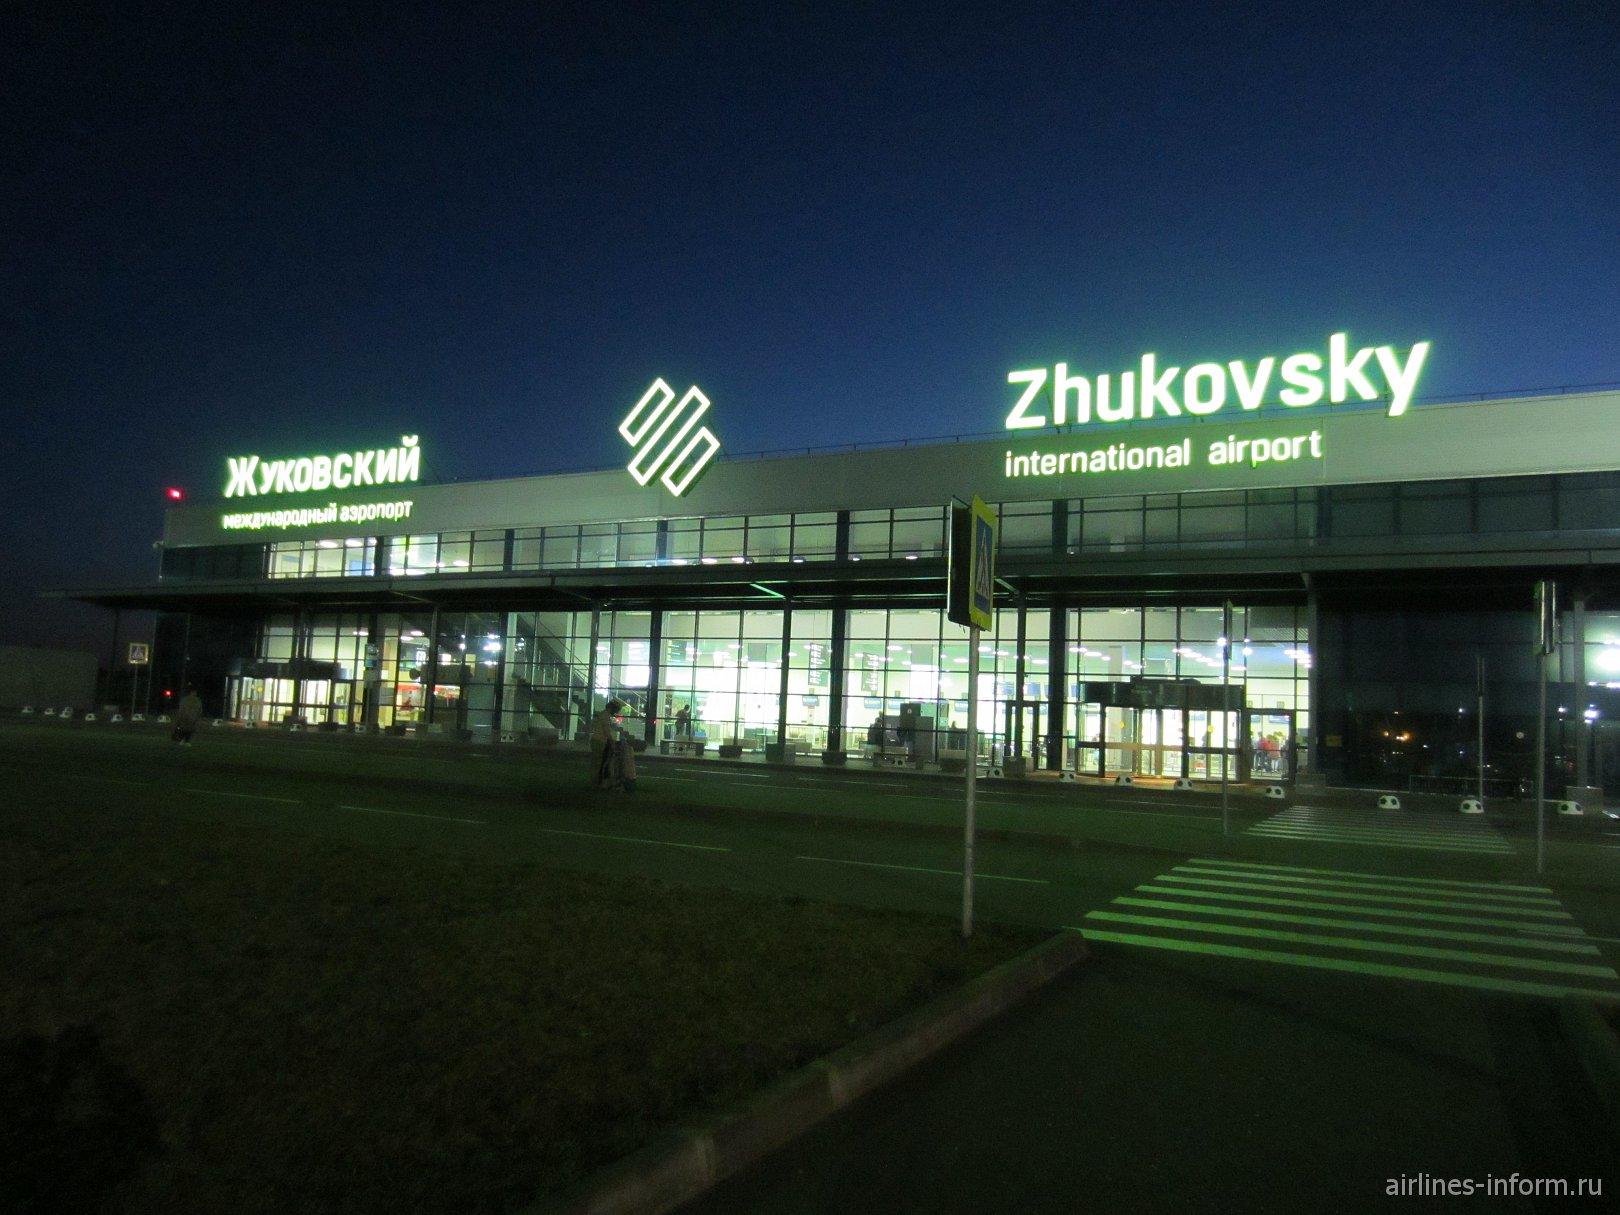 Пассажирский терминал аэропорта Жуковский ночью